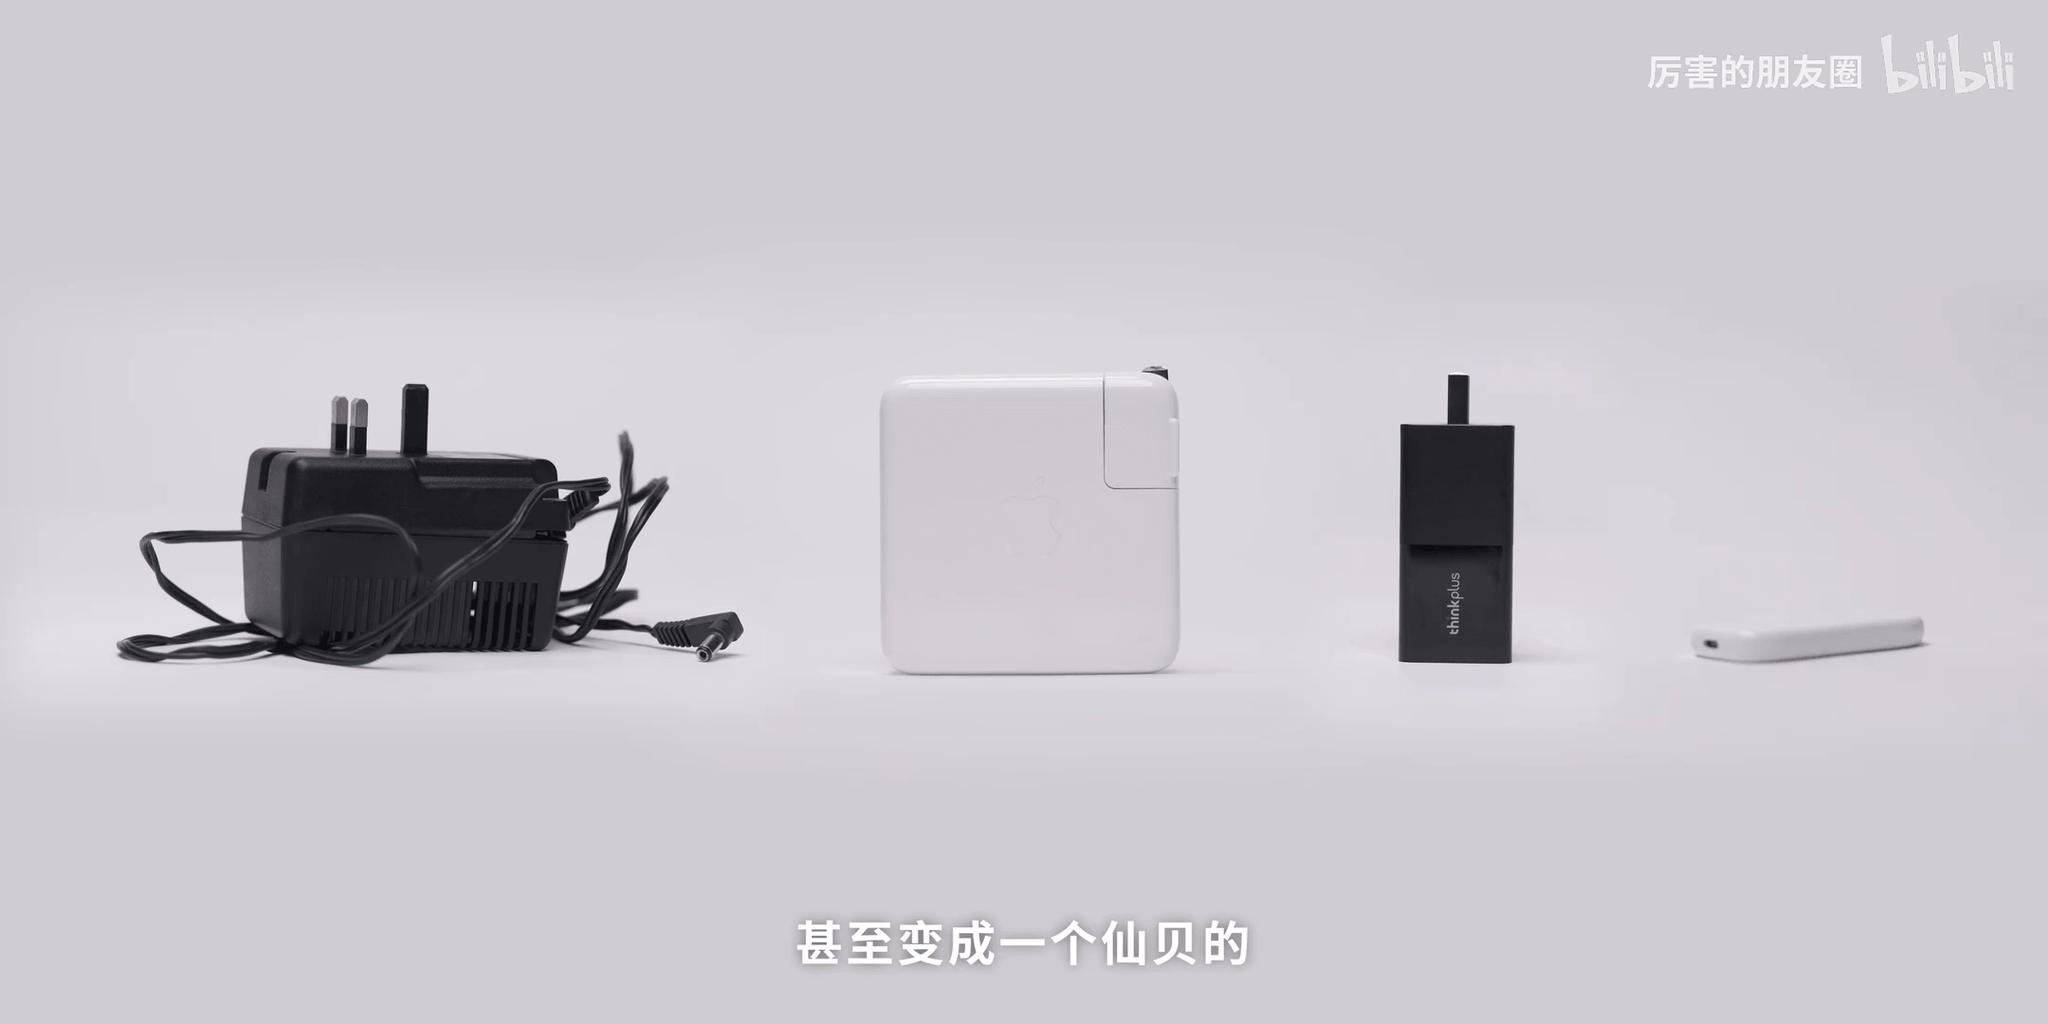 氮化镓是如何让充电器变小的?